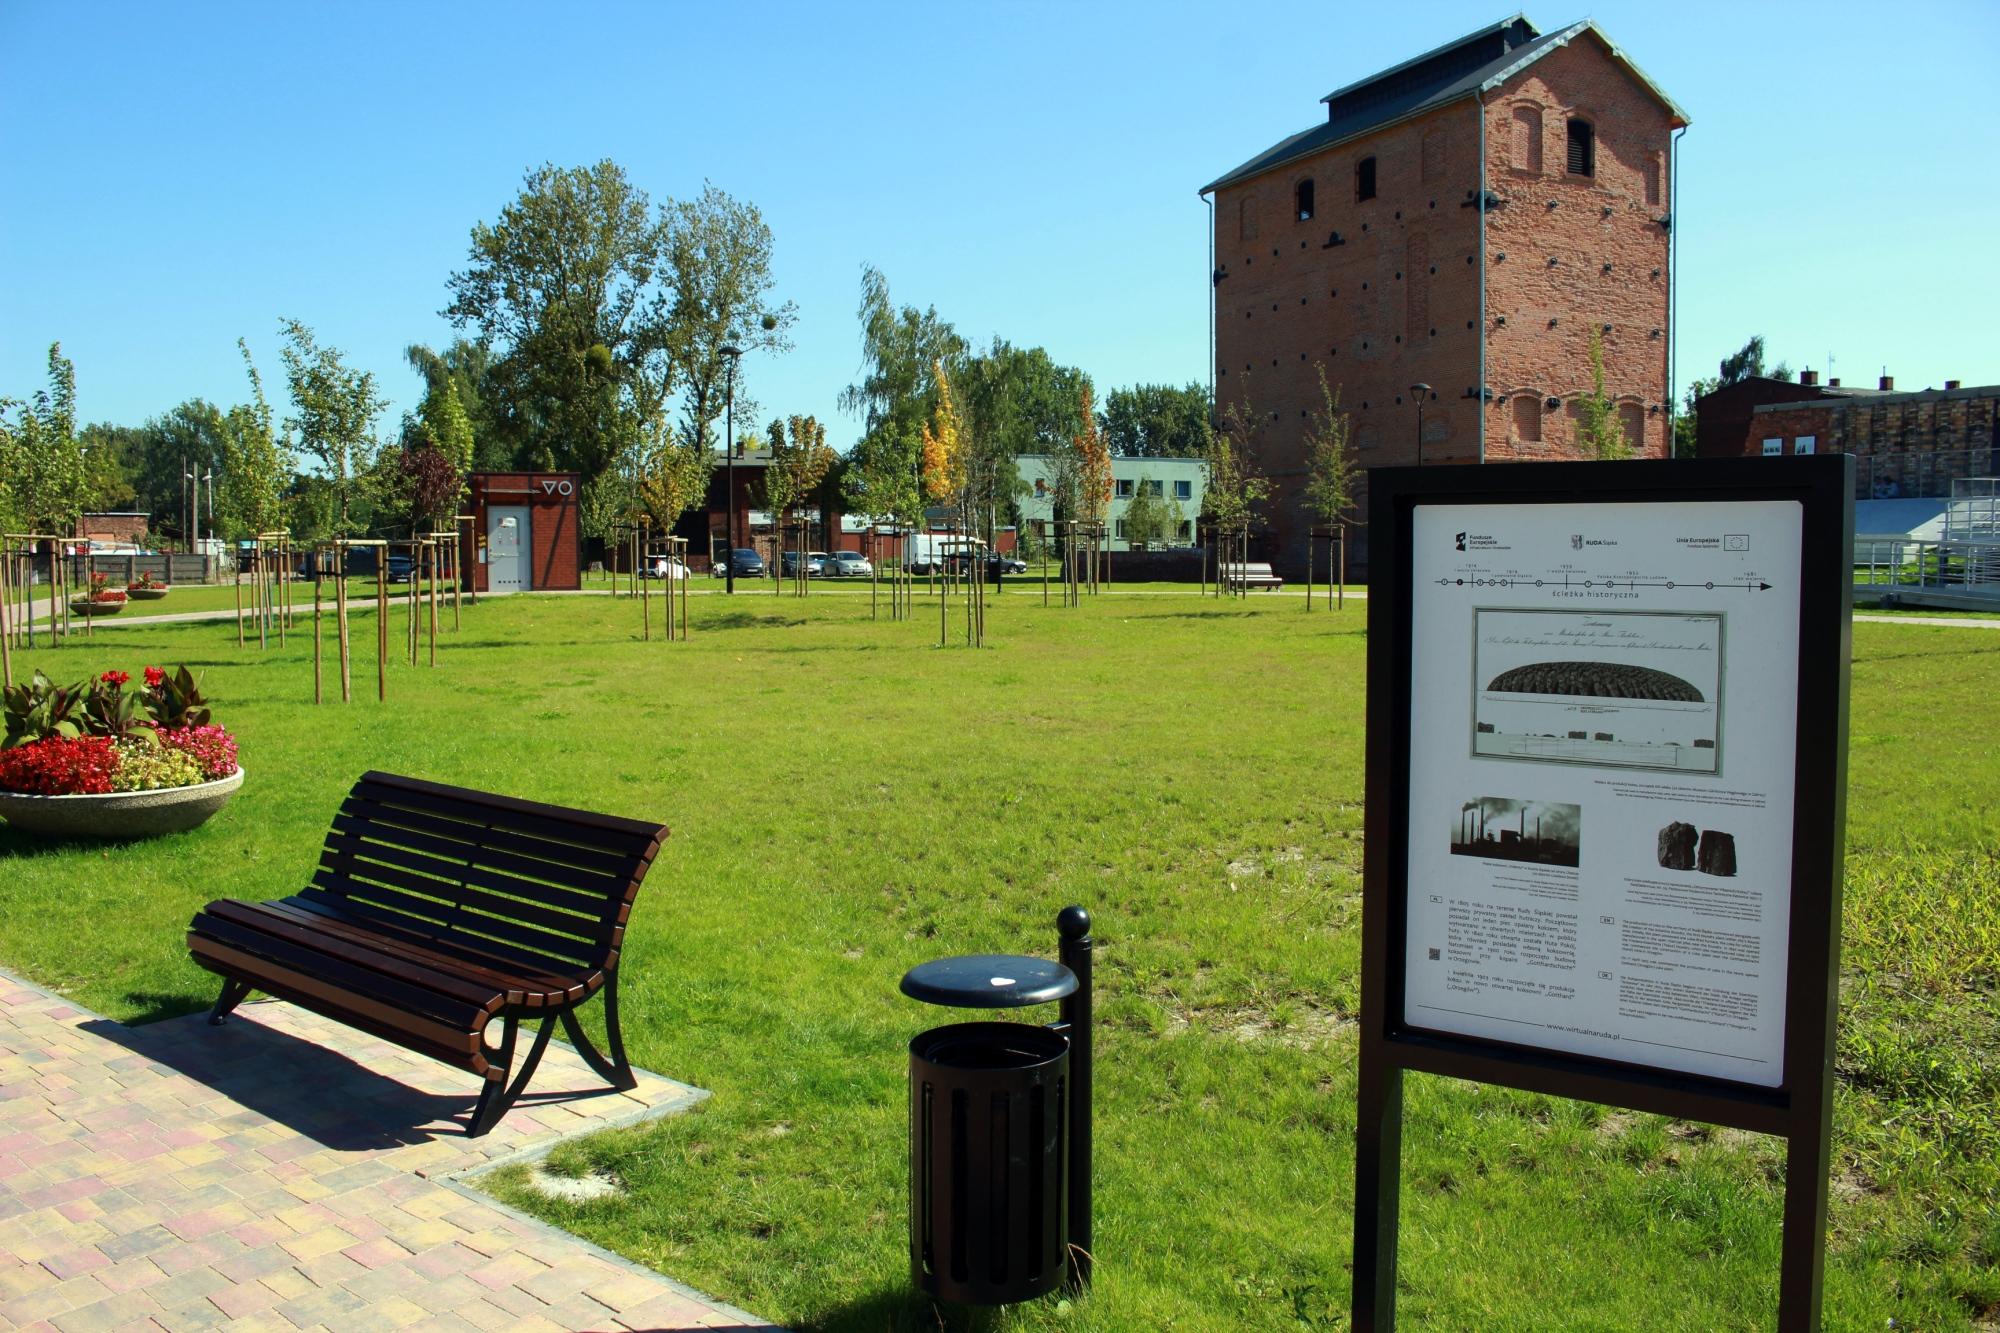 Kwietnik, ławka, kosz na śmieci i tablica informacyjna, w tle trawa, duży budynek z cegły, dzrewa i niebo.